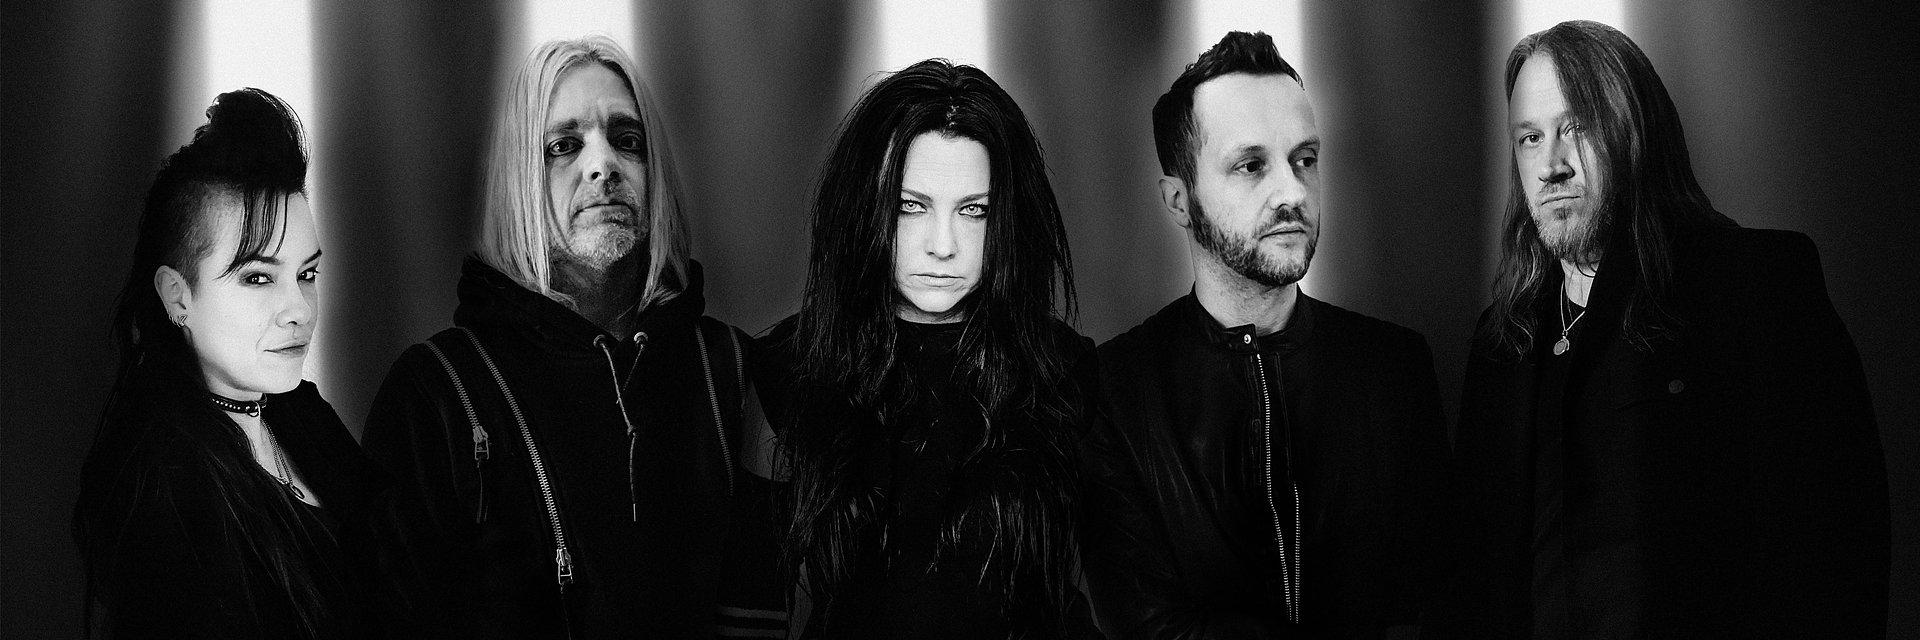 Nowa płyta Evanescence już dostępna!